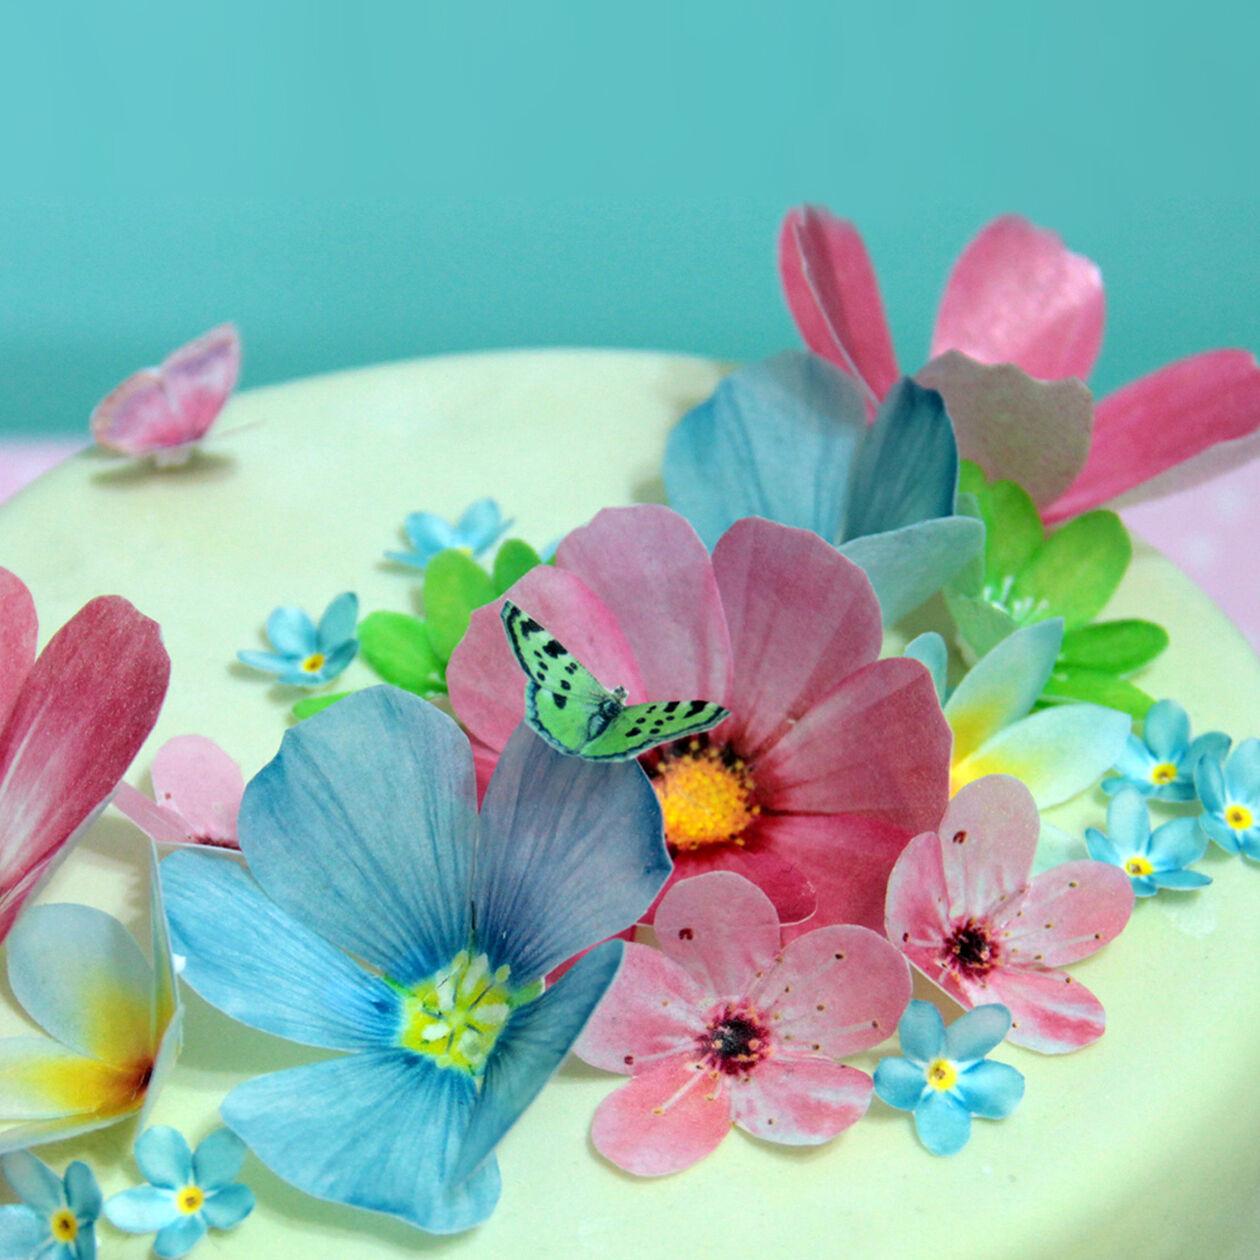 Eßpapier Tortendekoration Blumen Rosen Schmetterlinge Muffin Tortenaufleger NEU